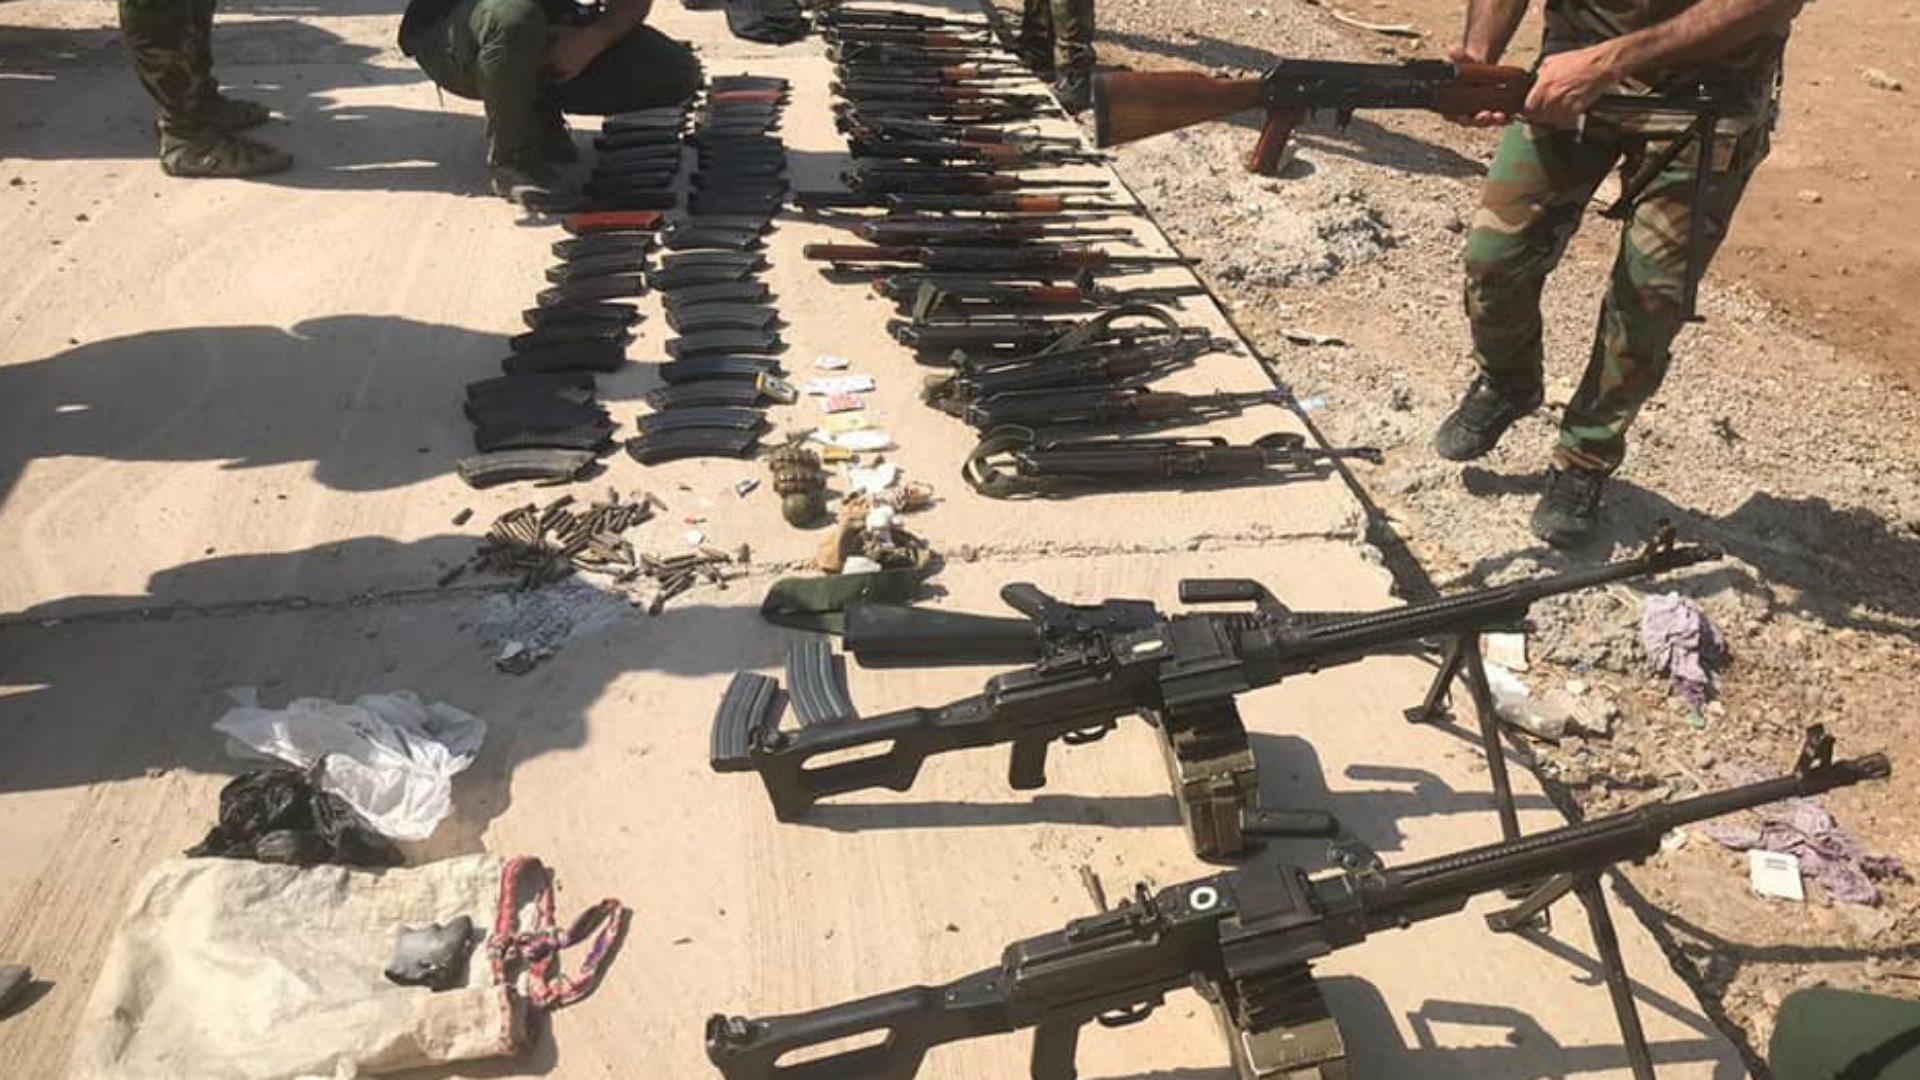 عمليات البصرة: مصادرة كميات كبيرة من الأسلحة غير المرخصة واعتقال 13 مطلوباً